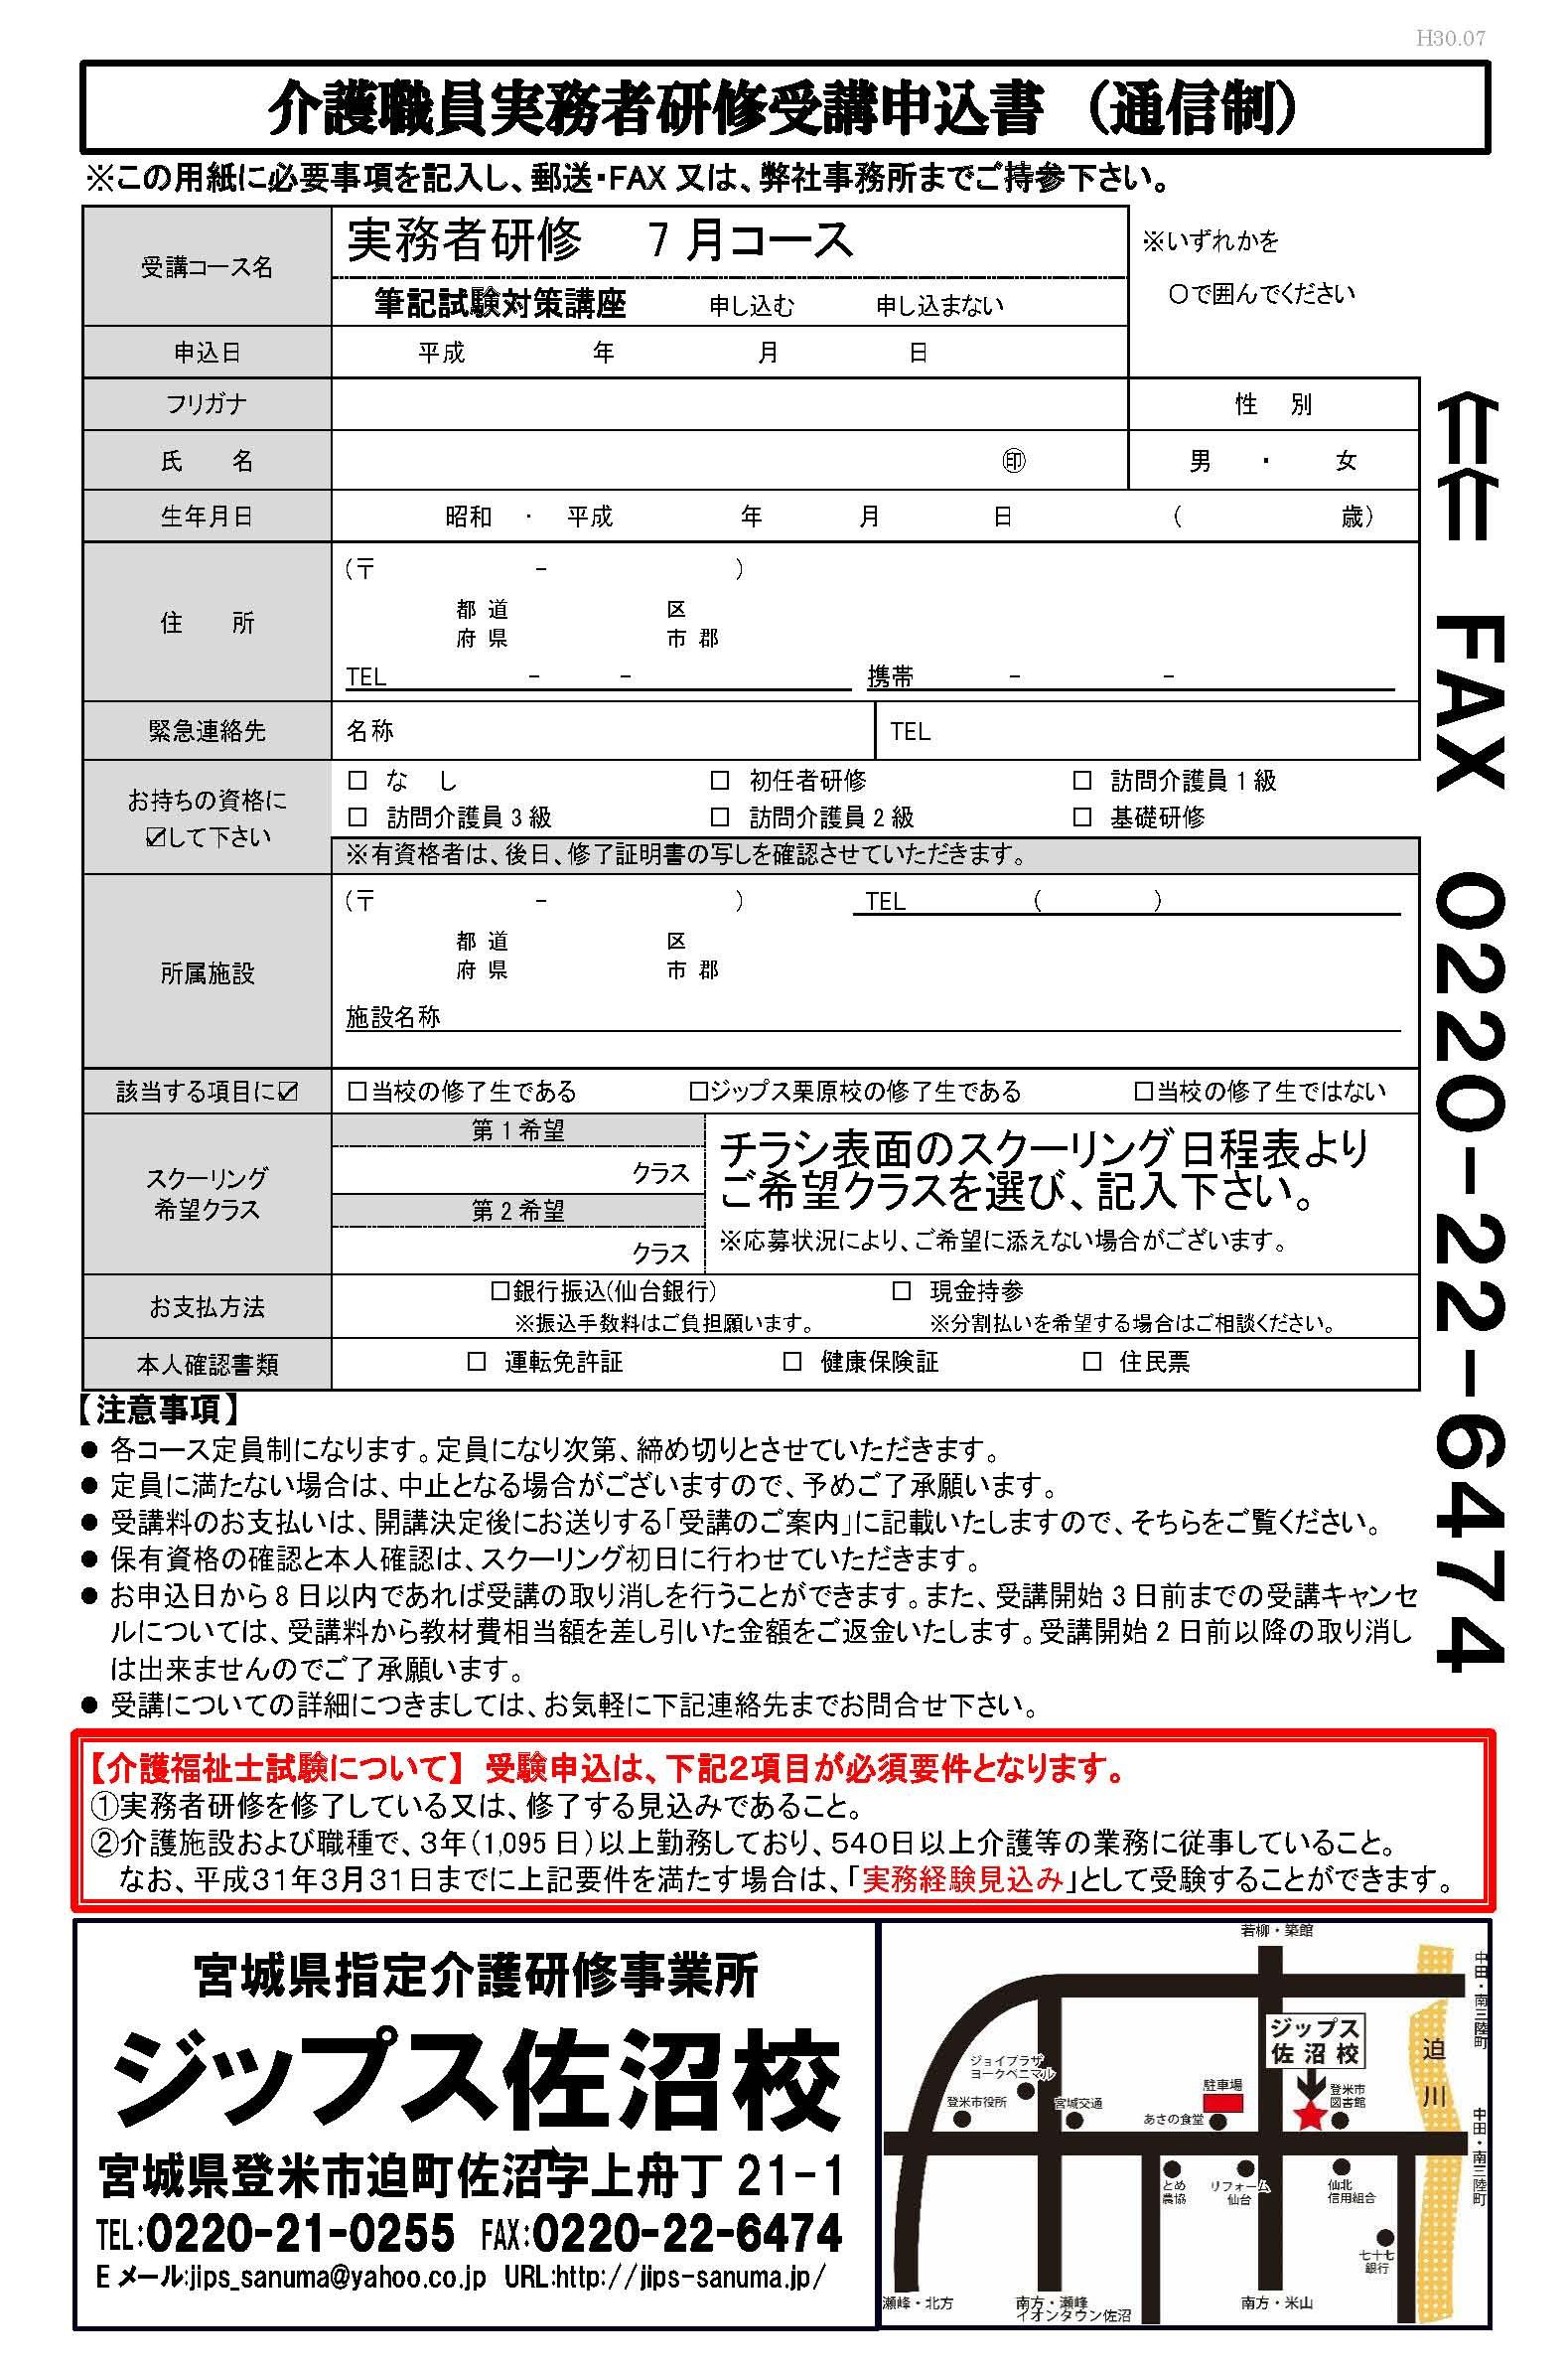 実務者総合チラシH30年7月_ページ_2